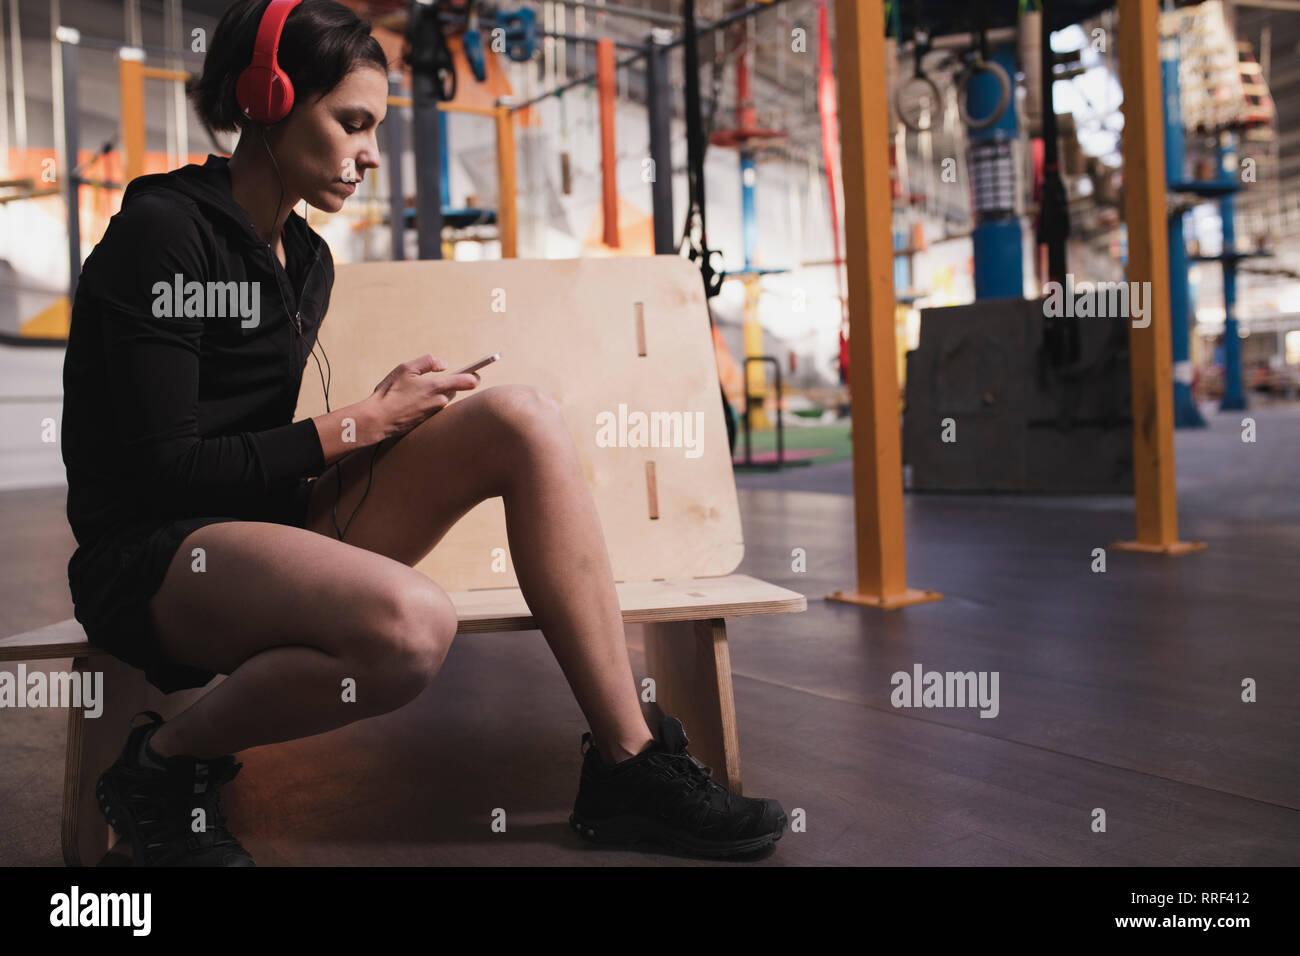 Seitenansicht der jungen Dame in Sportkleidung mit Kopfhörern und gadget Musik hören und Sitzen in der Turnhalle Stockbild